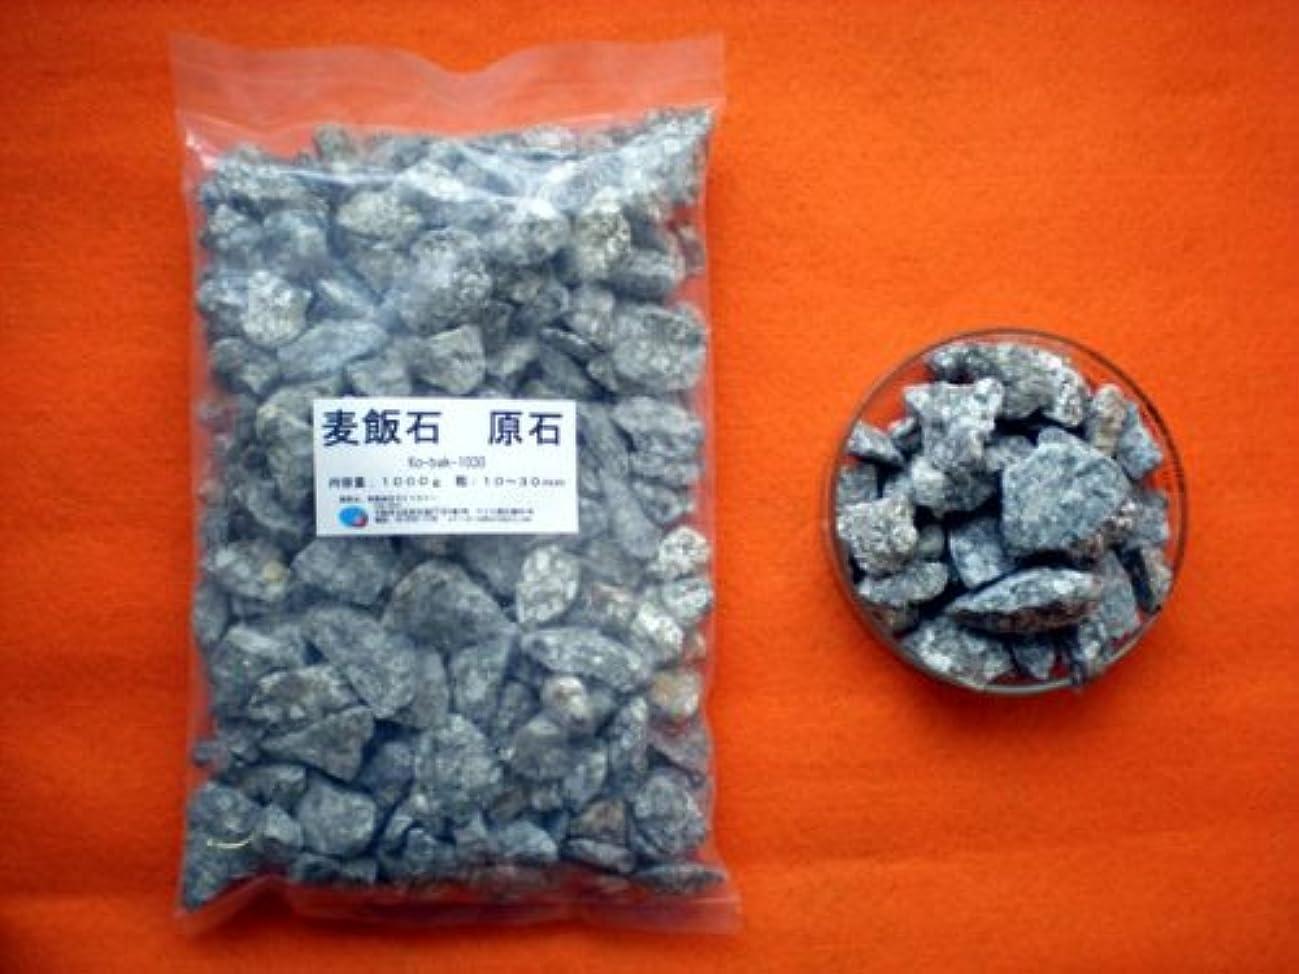 ライオンパッチエンジニア麦飯石 原石 [美濃白川町] 1000g/サイズ10-30mm